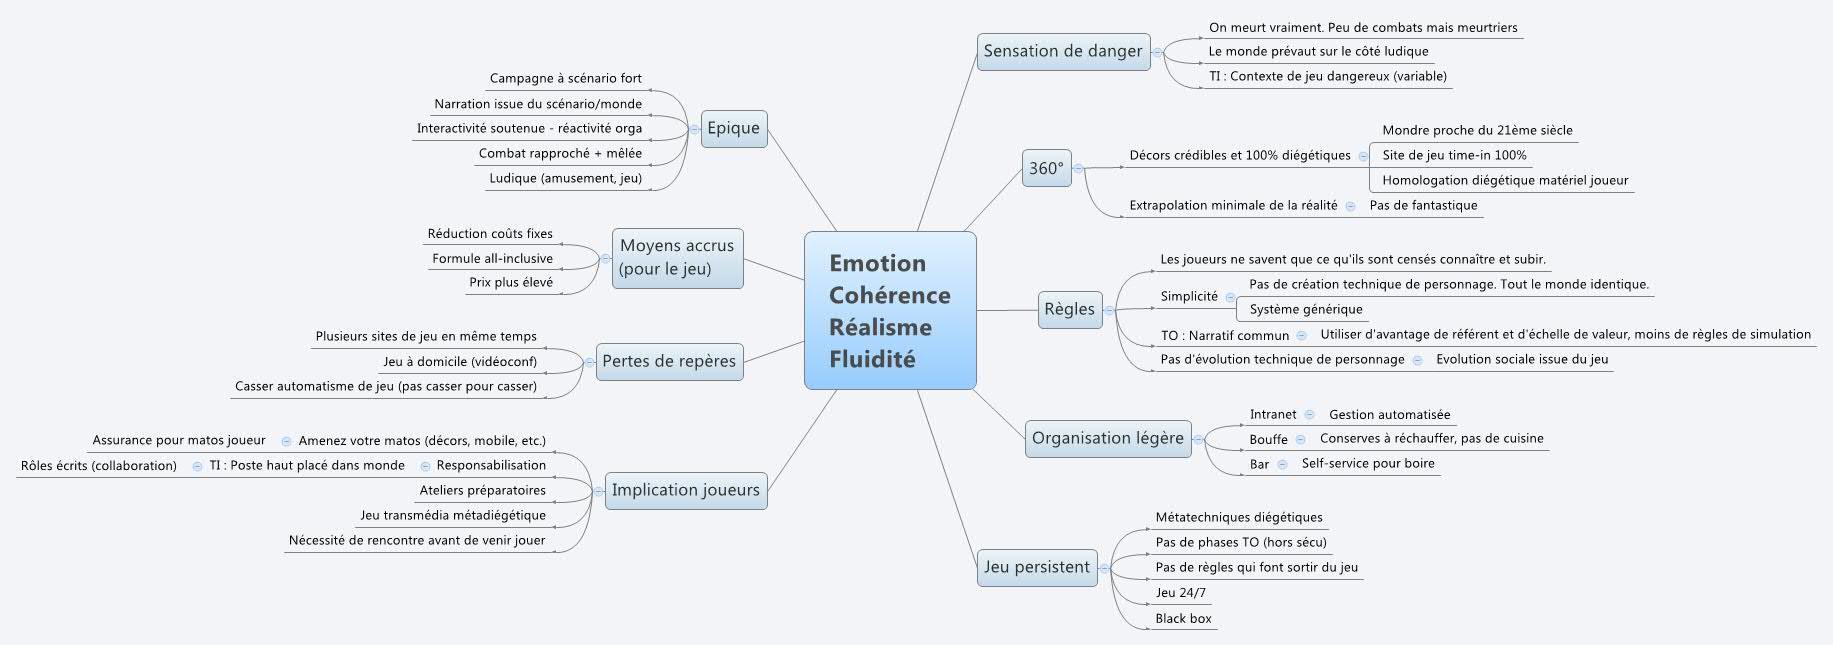 Emotion Cohérence Réalisme Fluidité -no arrow